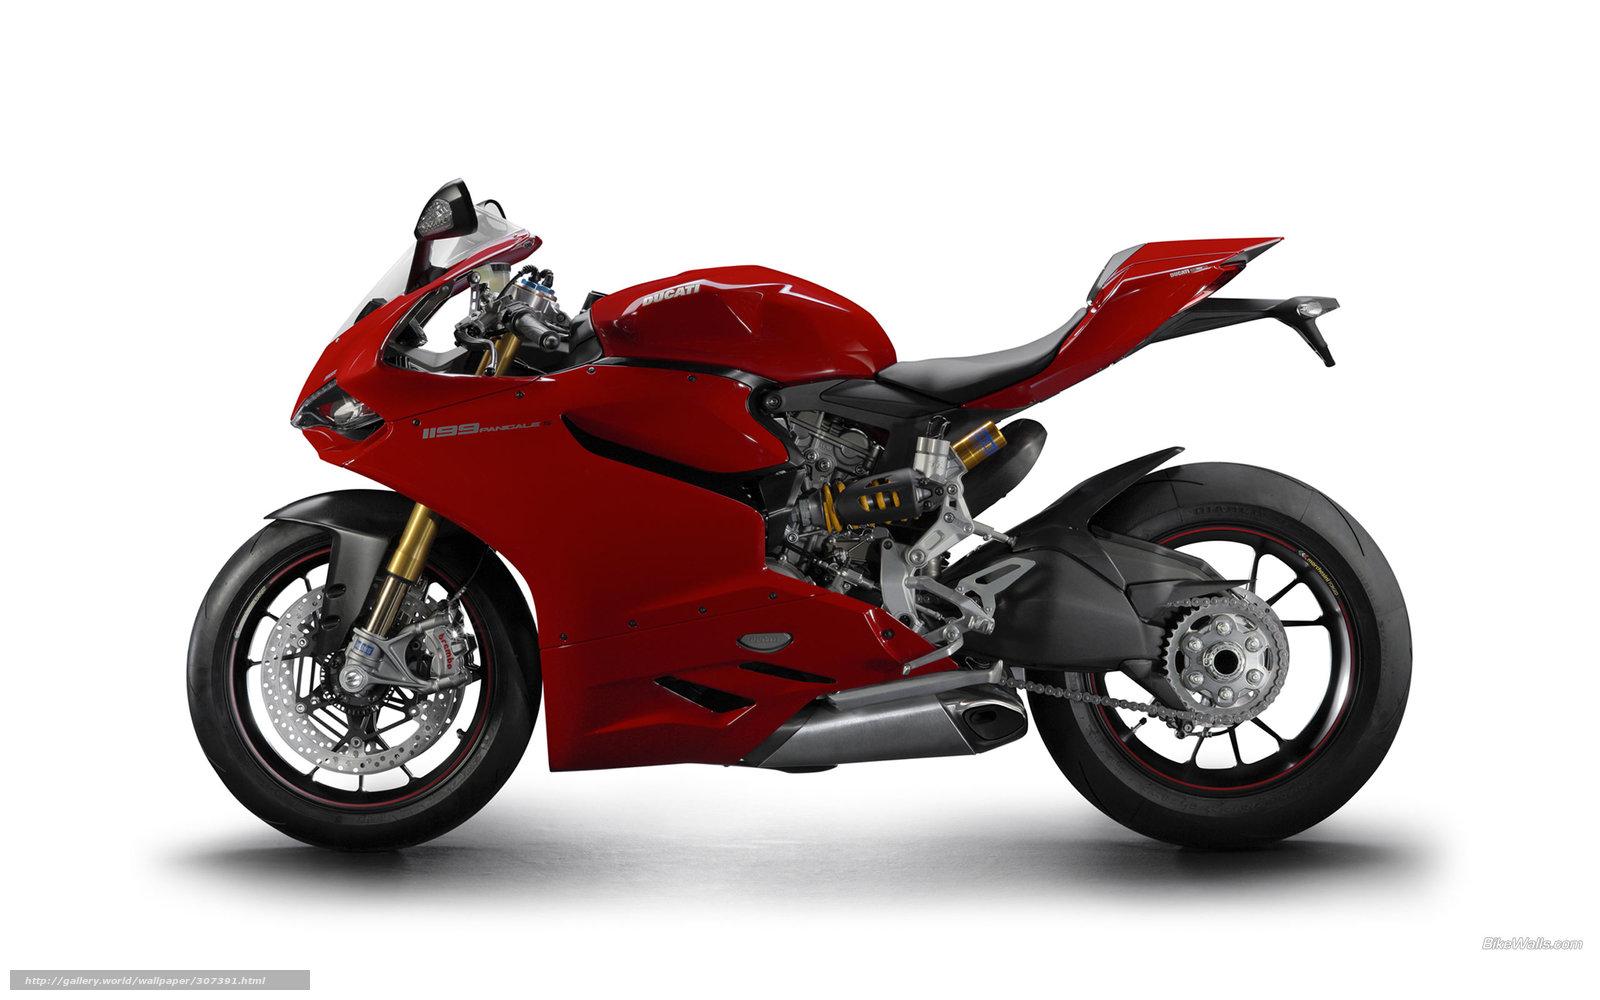 Скачать обои Ducati,  Supersport,  1199 Pangale,  1199 Pangale 2012 бесплатно для рабочего стола в разрешении 2560x1600 — картинка №307391